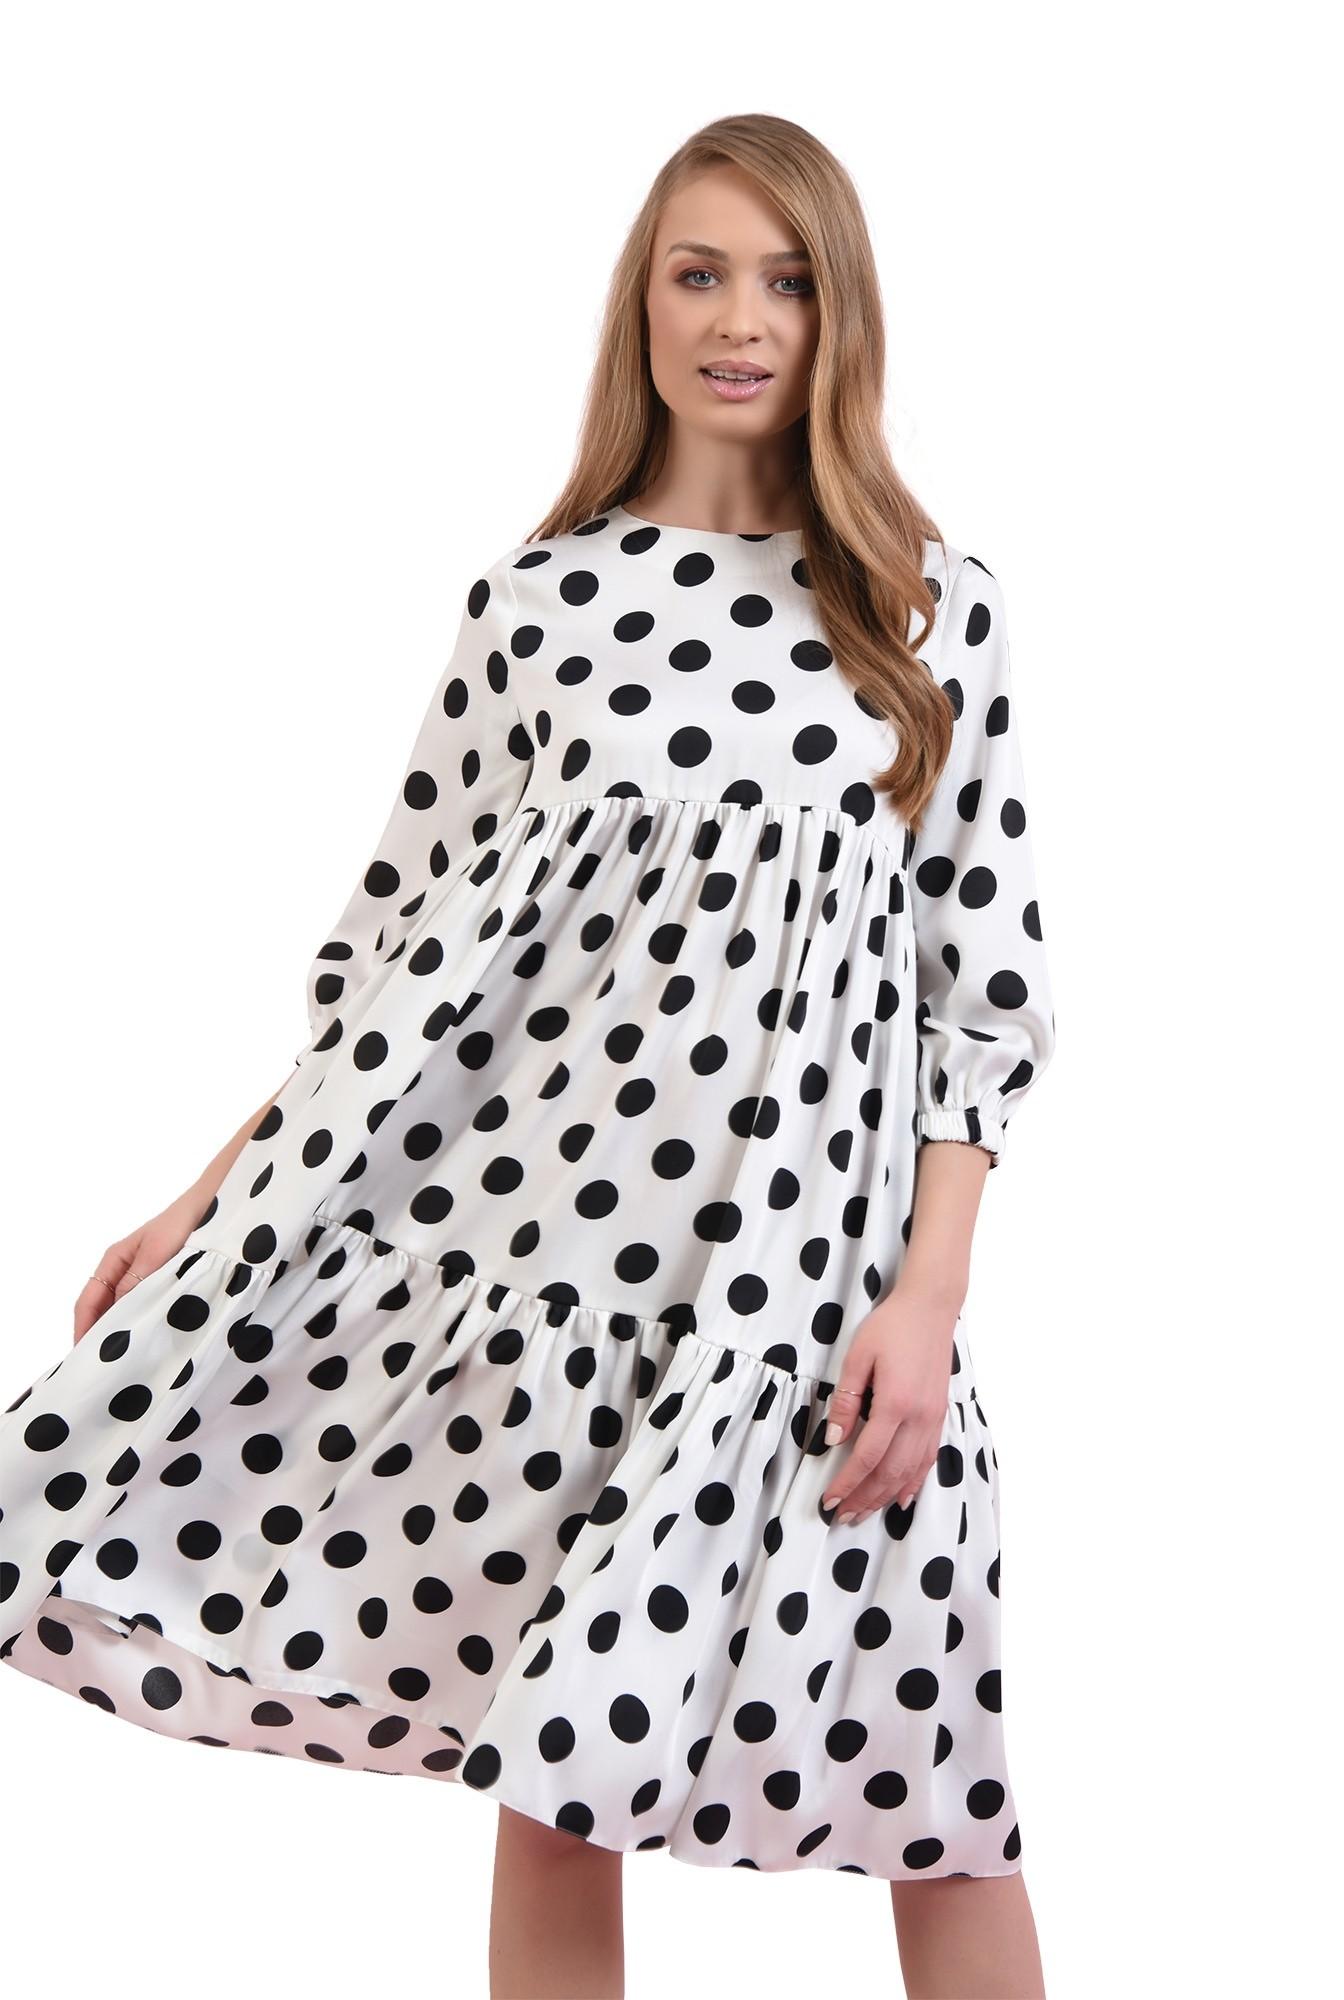 3 - rochie alba, cu buline negre